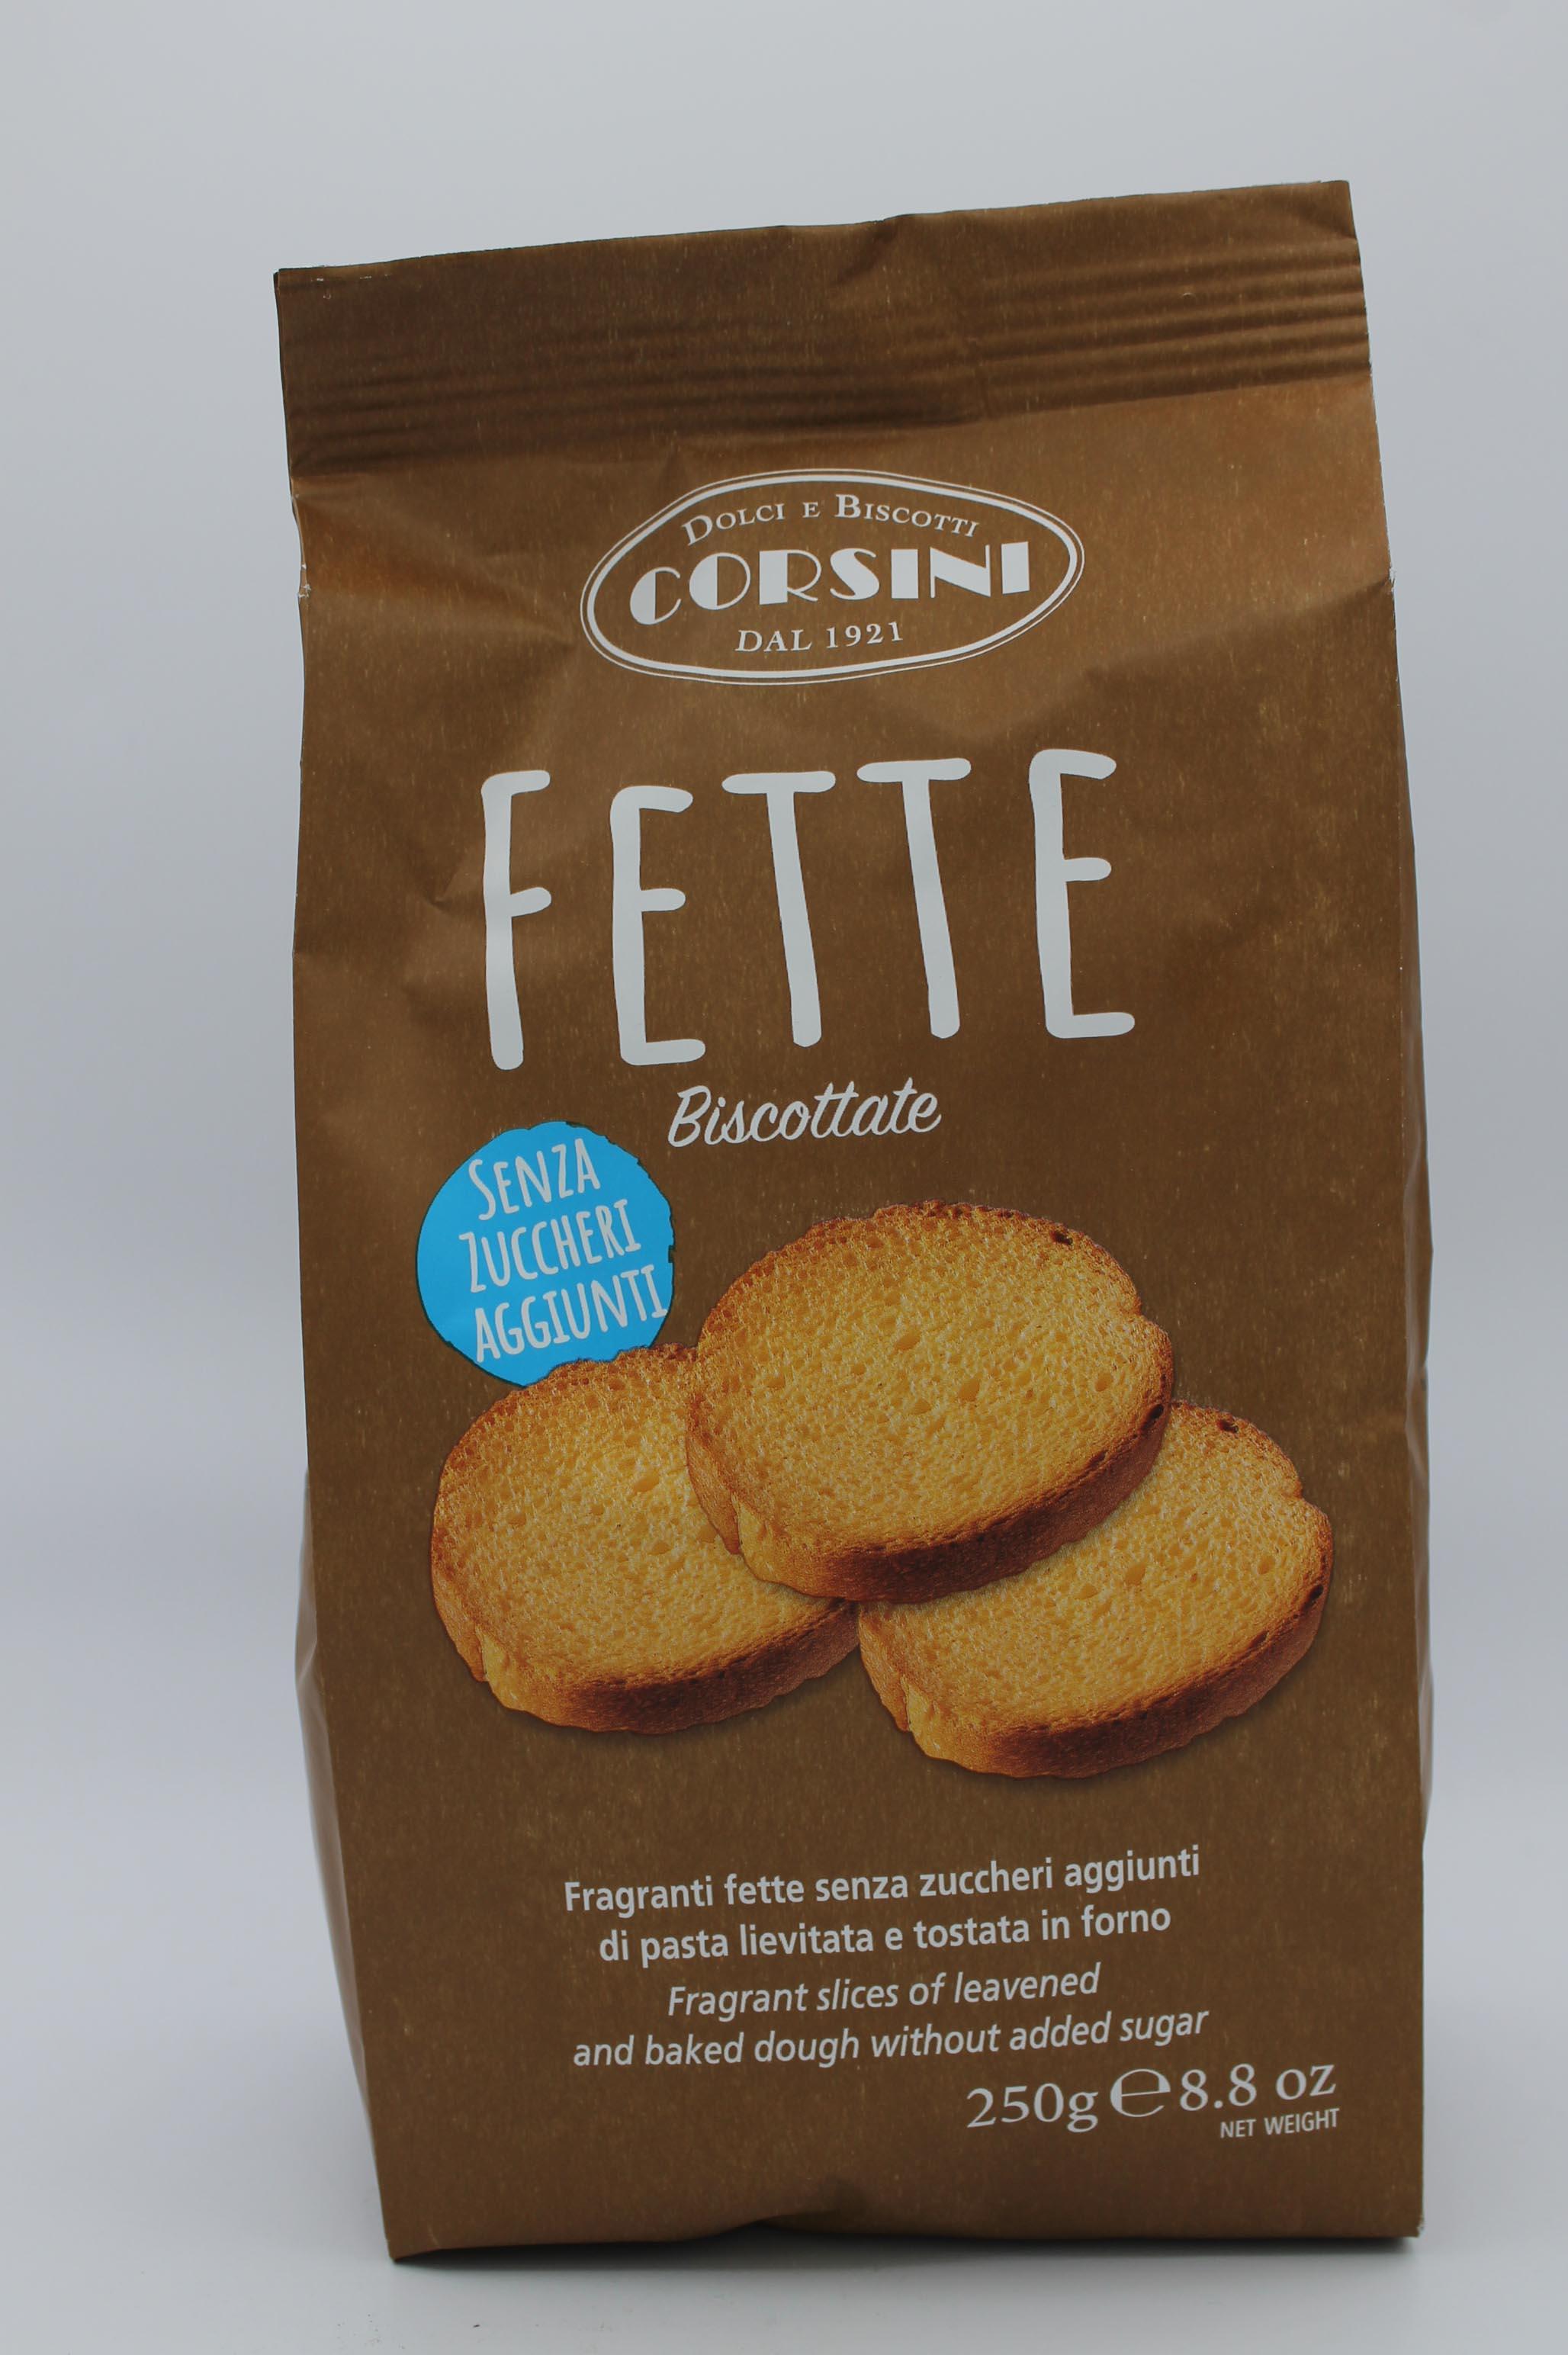 Corsini fette biscottate 250gr assortite.